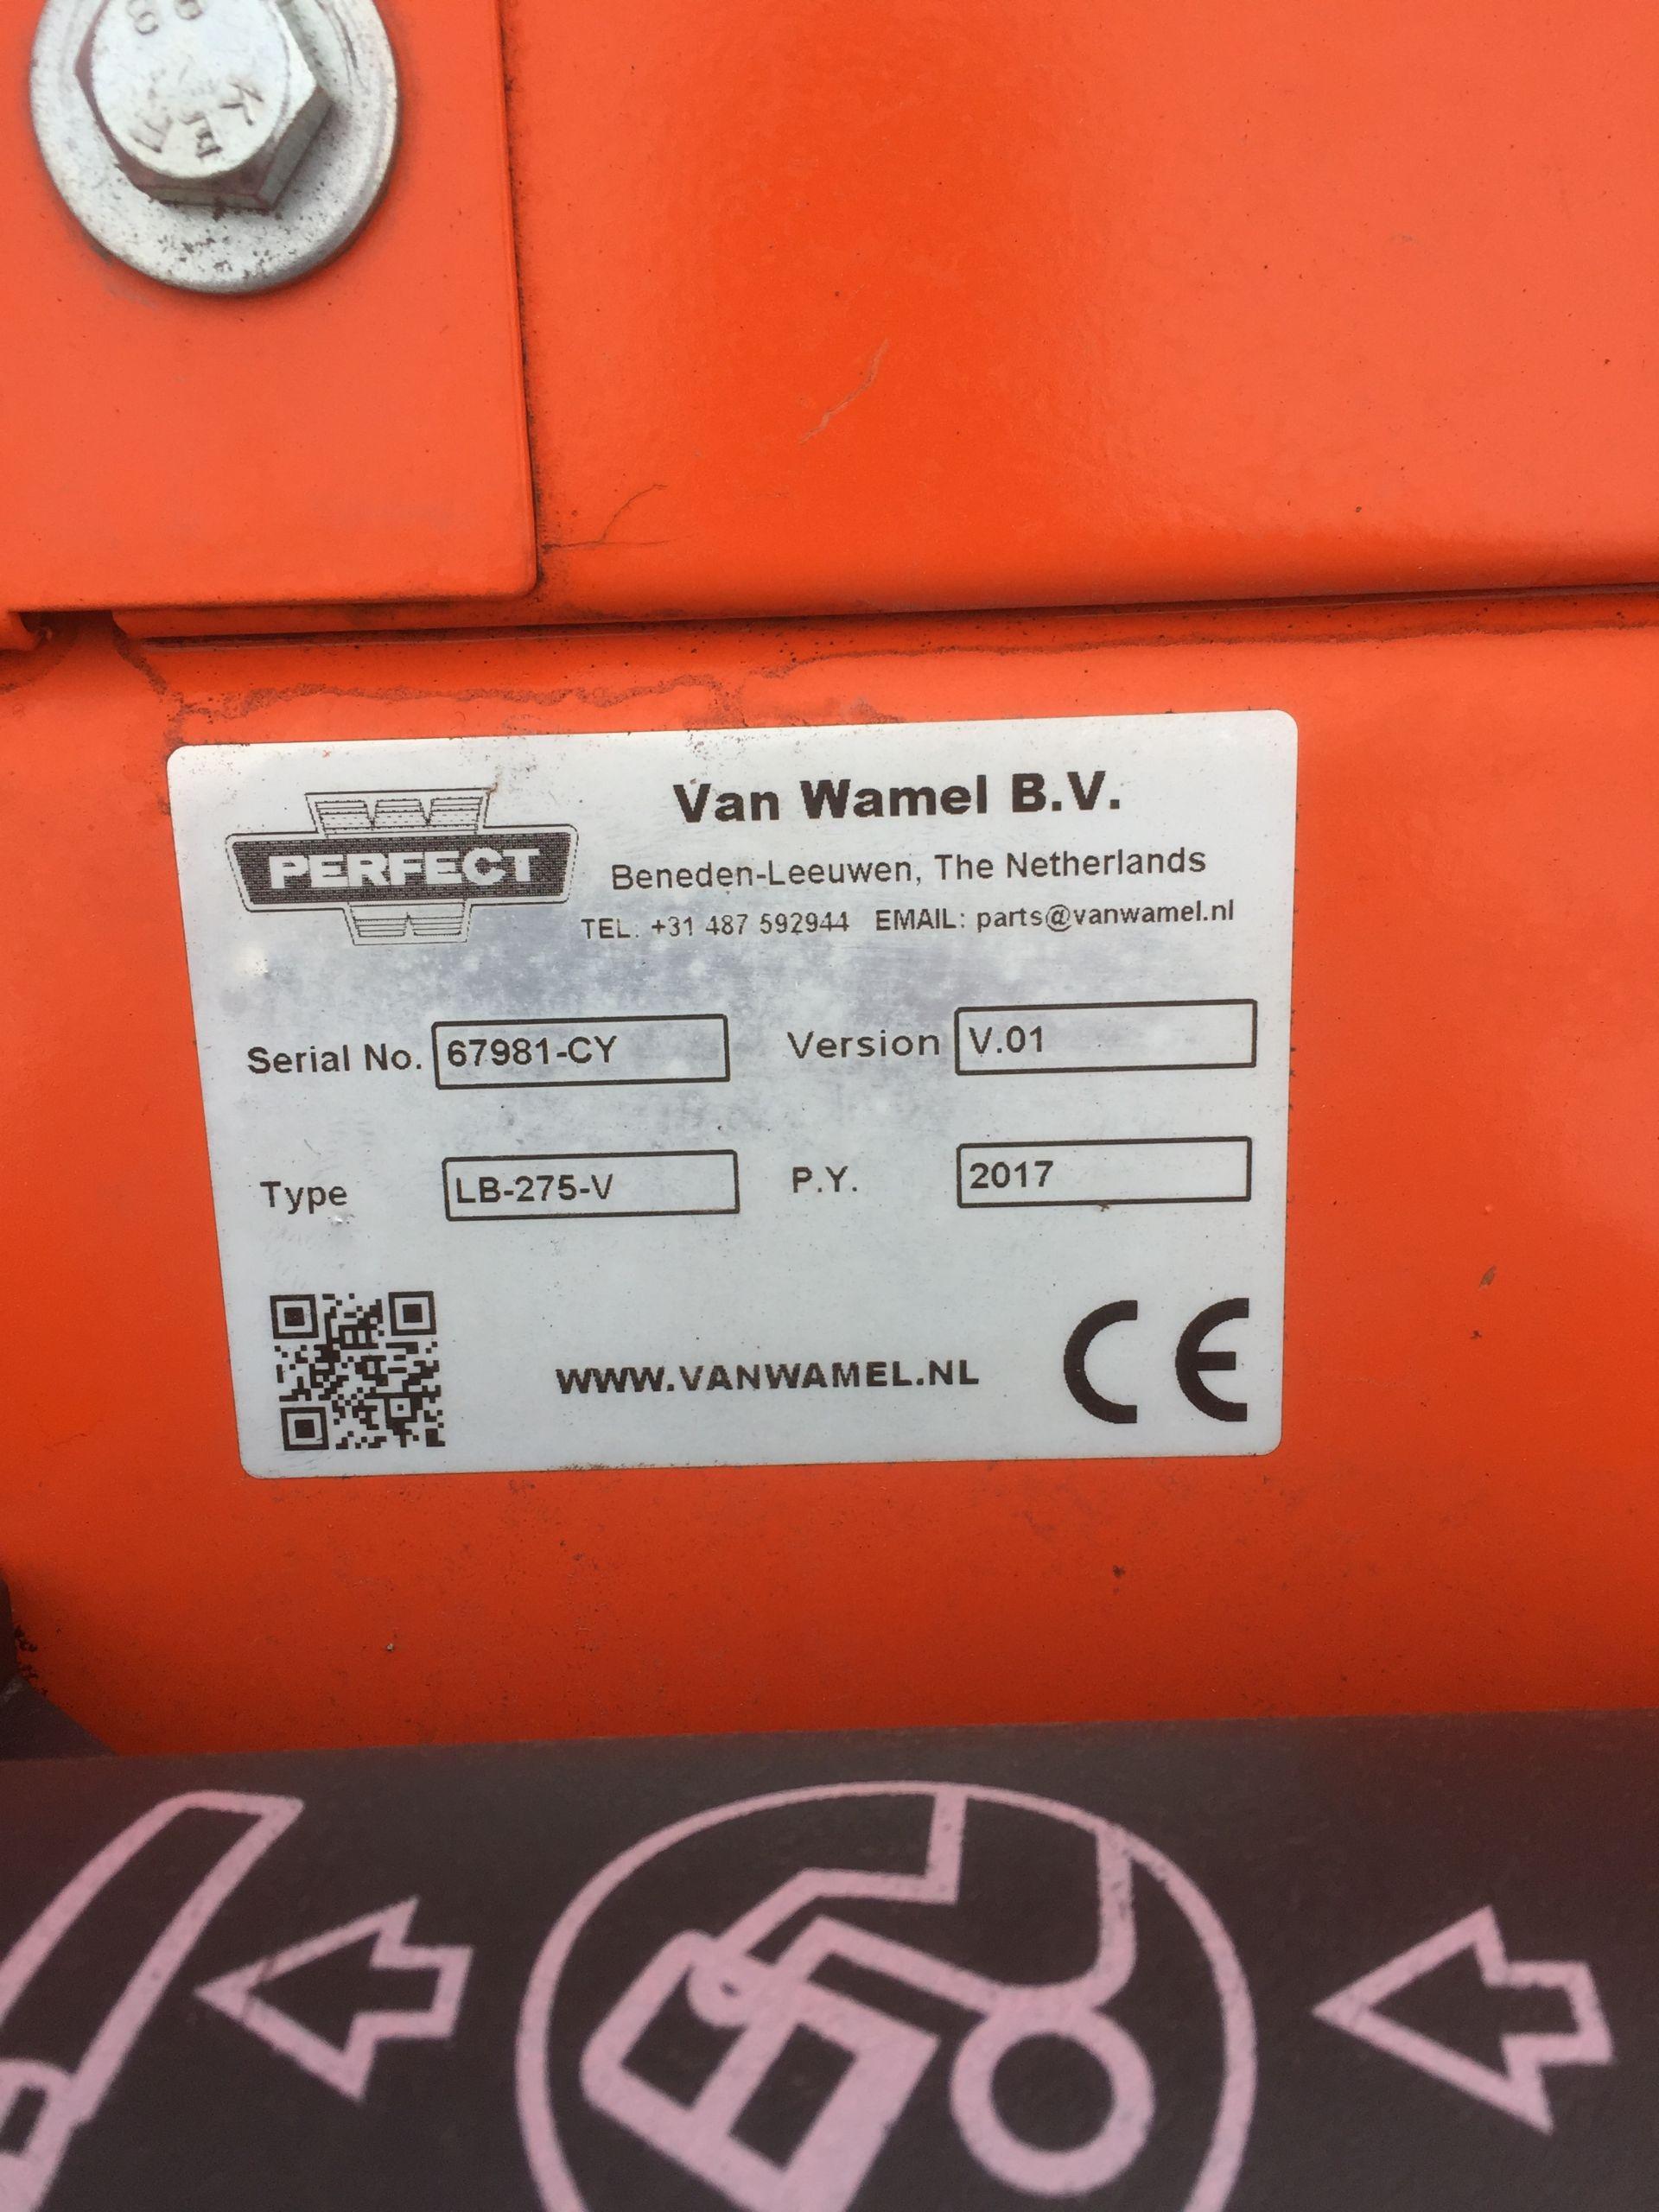 Lot 51 - Perfect LB275V 9' rotary mower (unused), Serial No. 67981-CY (2017)